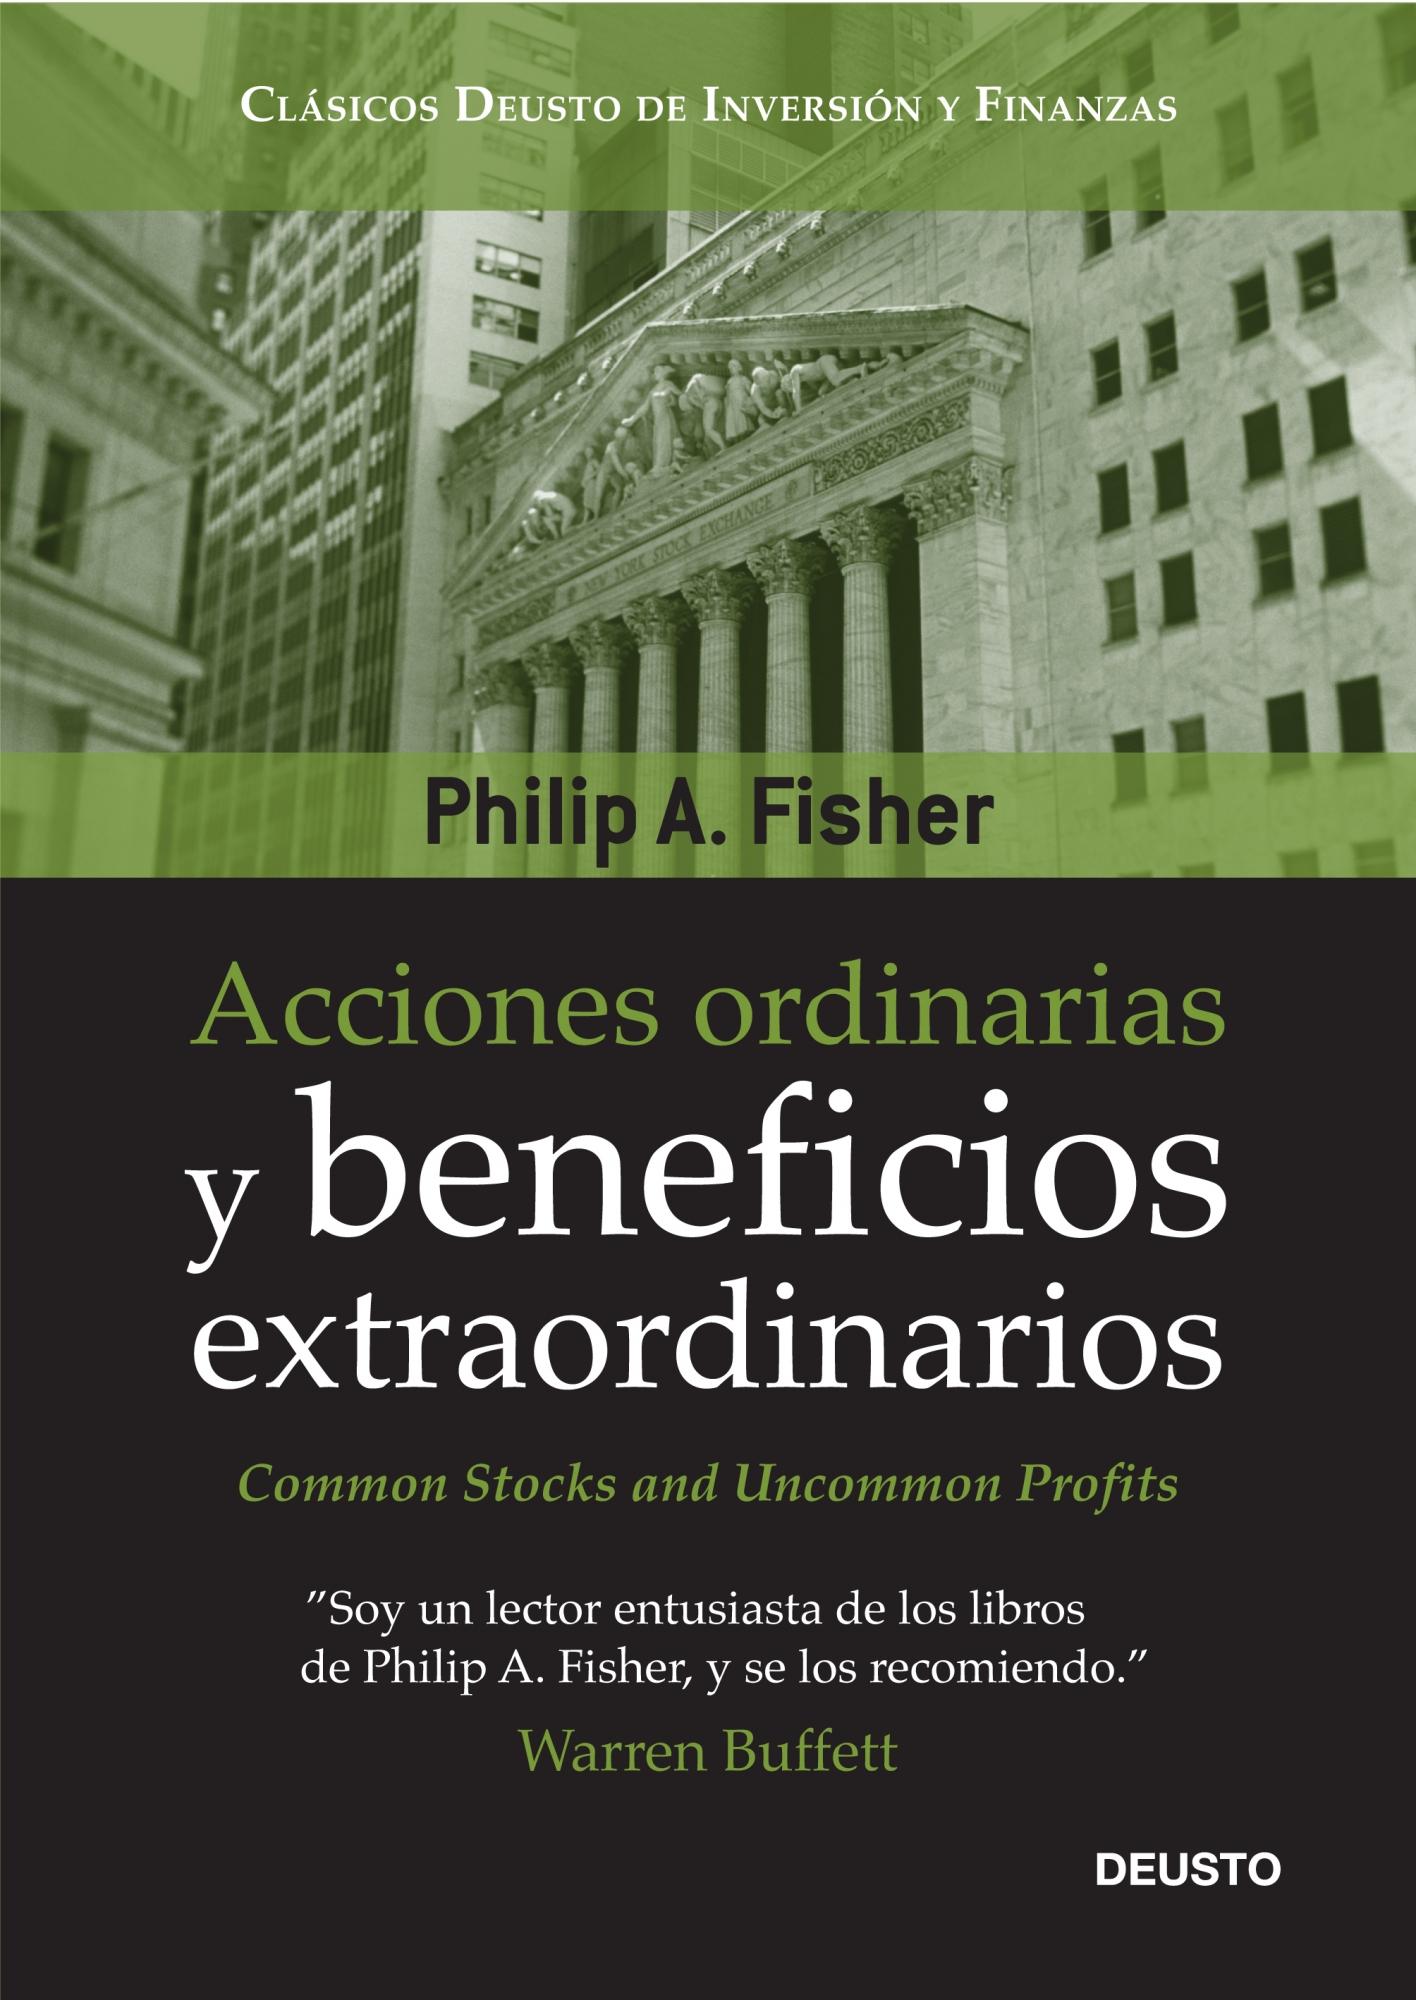 Acciones ordinarias y beneficios extraordinarios. Philip A. Fisher. Libro. El  inversor inteligente ...